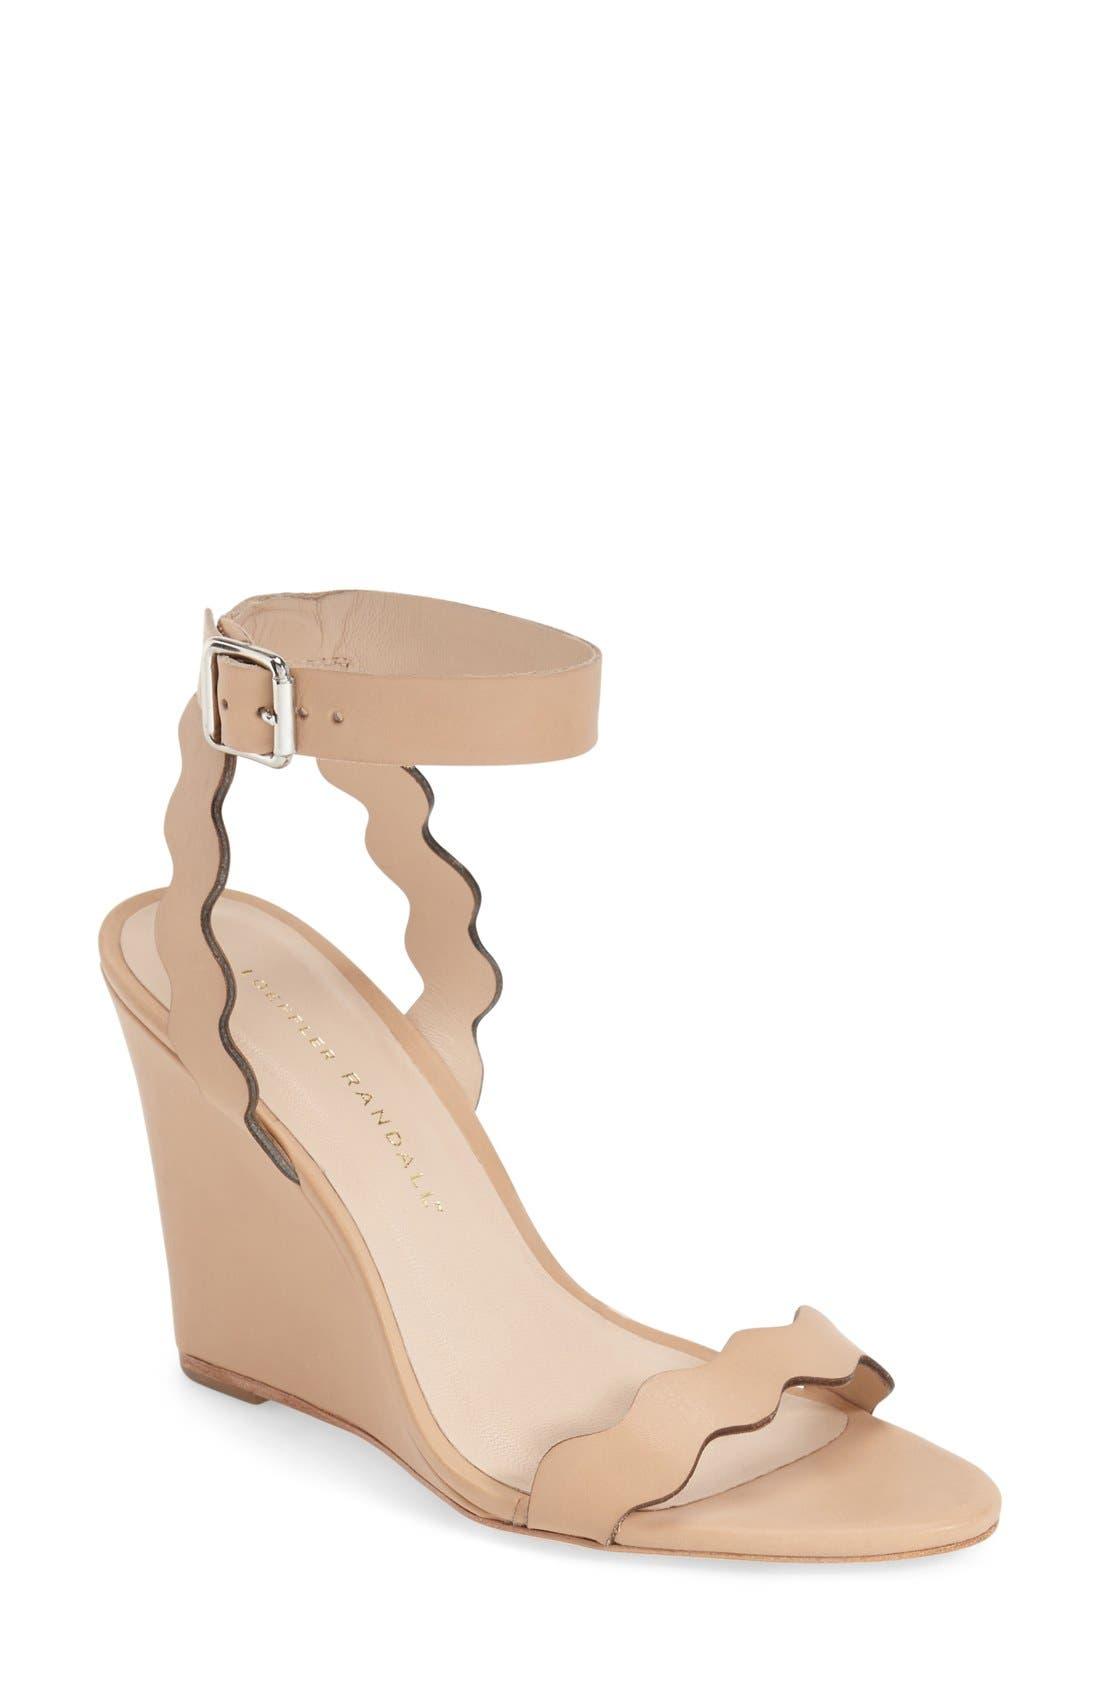 Loeffler Randall 'Piper' Wedge Sandal (Women)